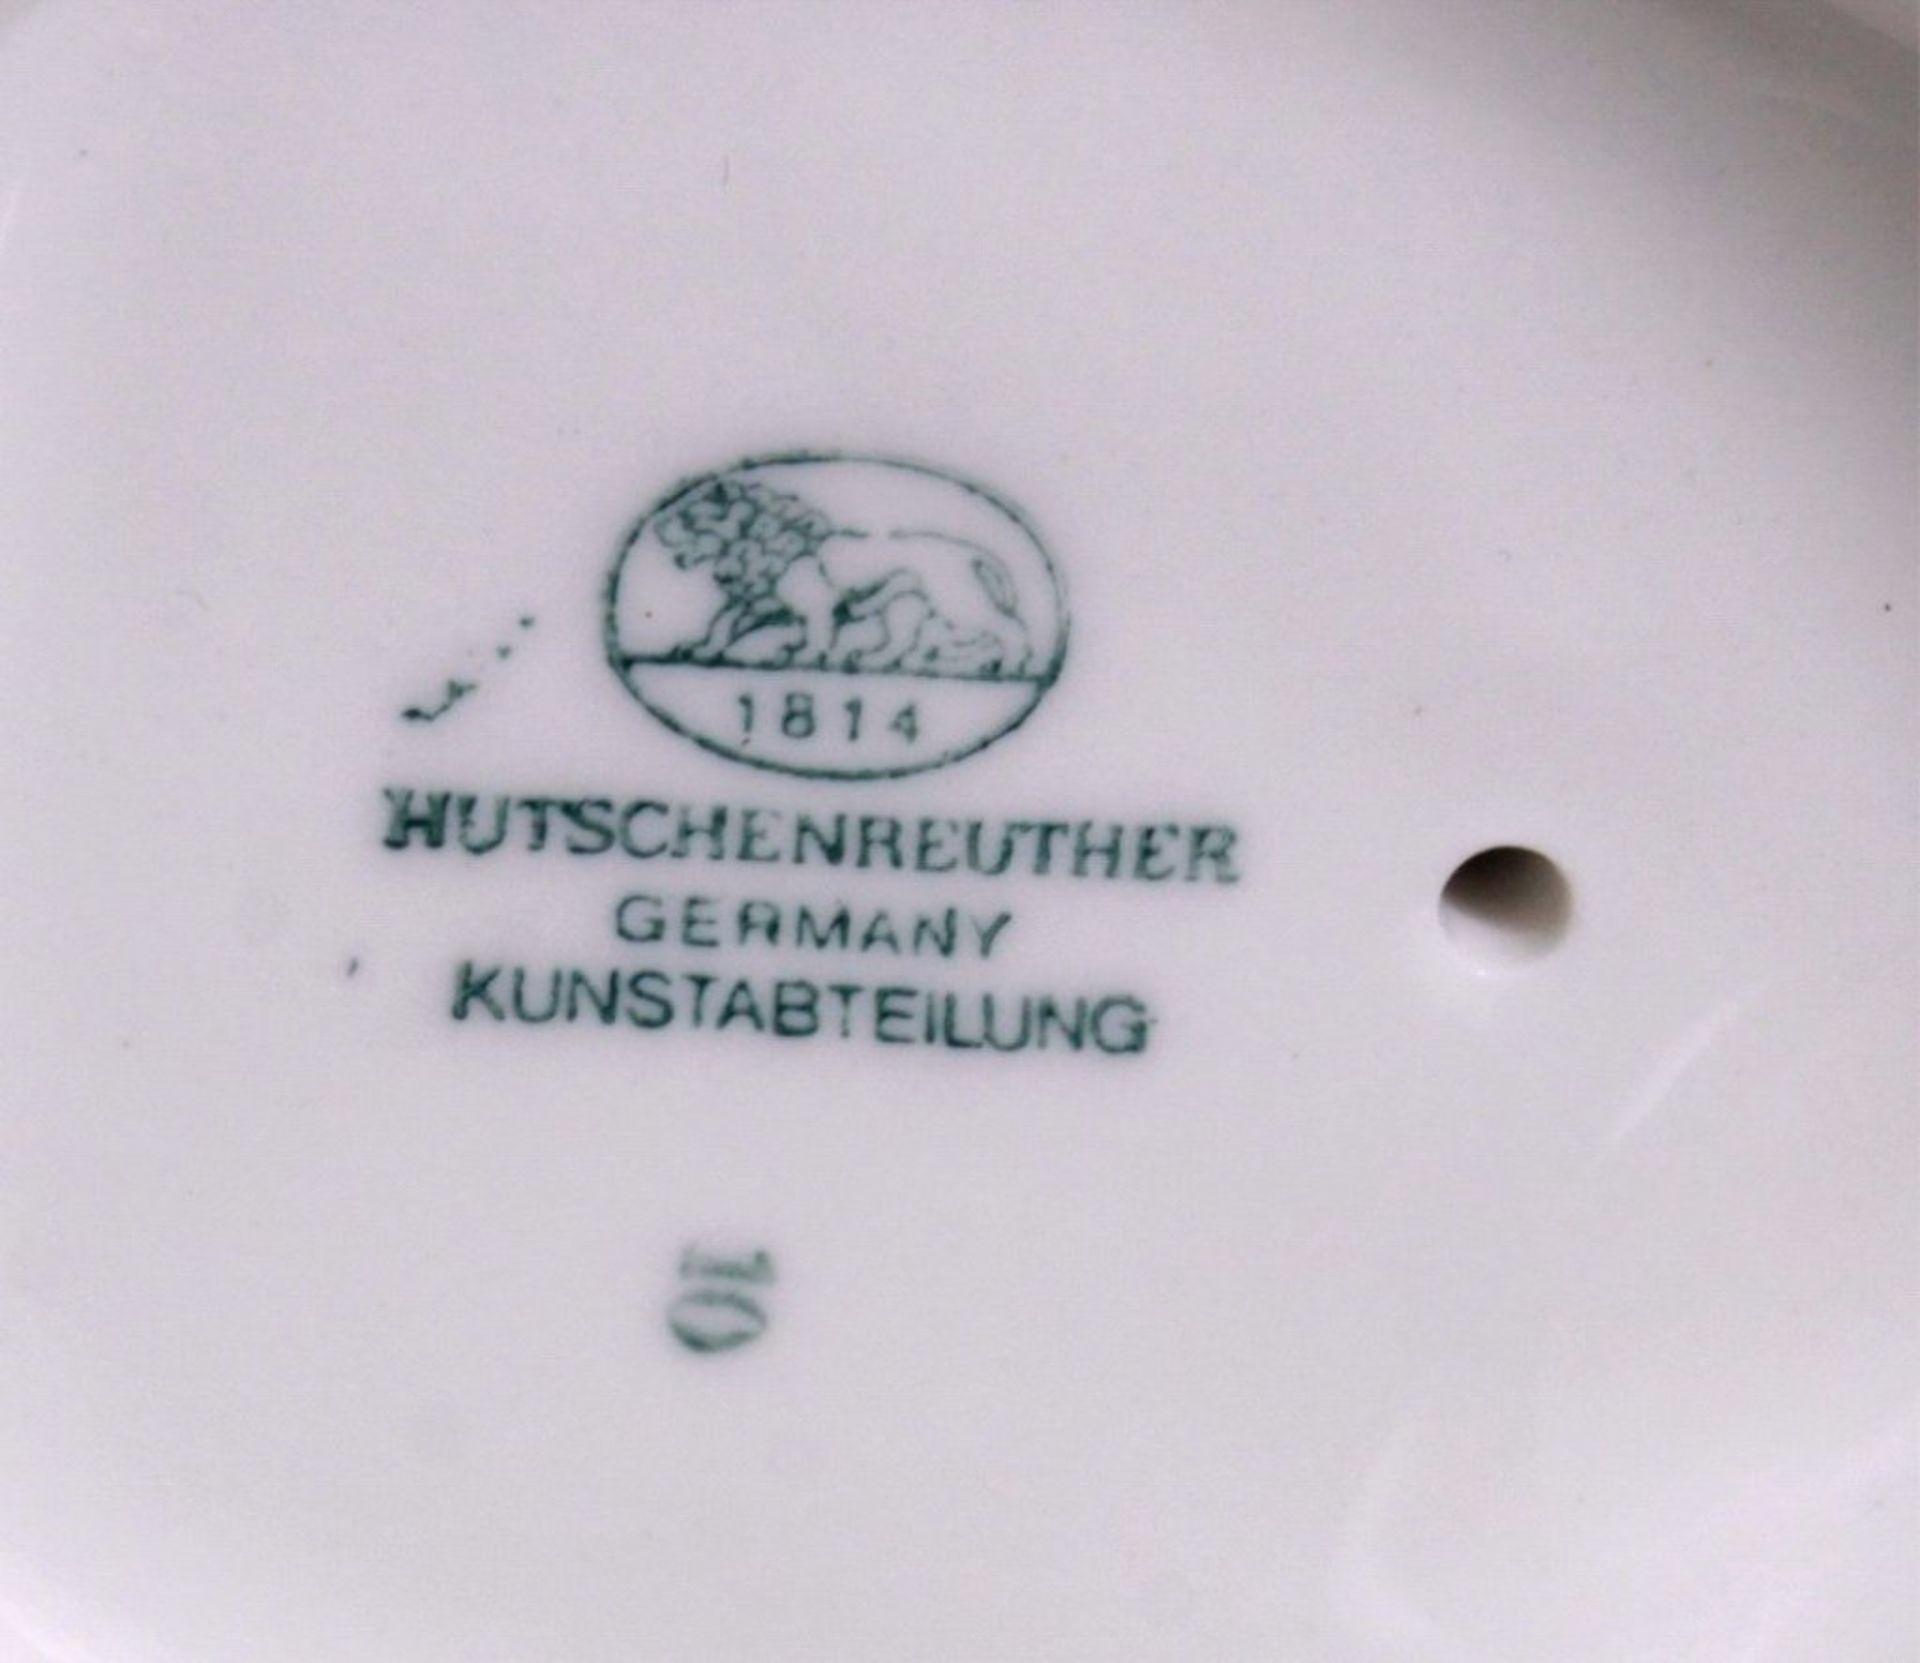 """Hutschenreuther große """"Adlergruppe""""Entwurf Karl Tutter 1937, grüne Stempelmarke,Kunstabteilung, - Bild 6 aus 7"""